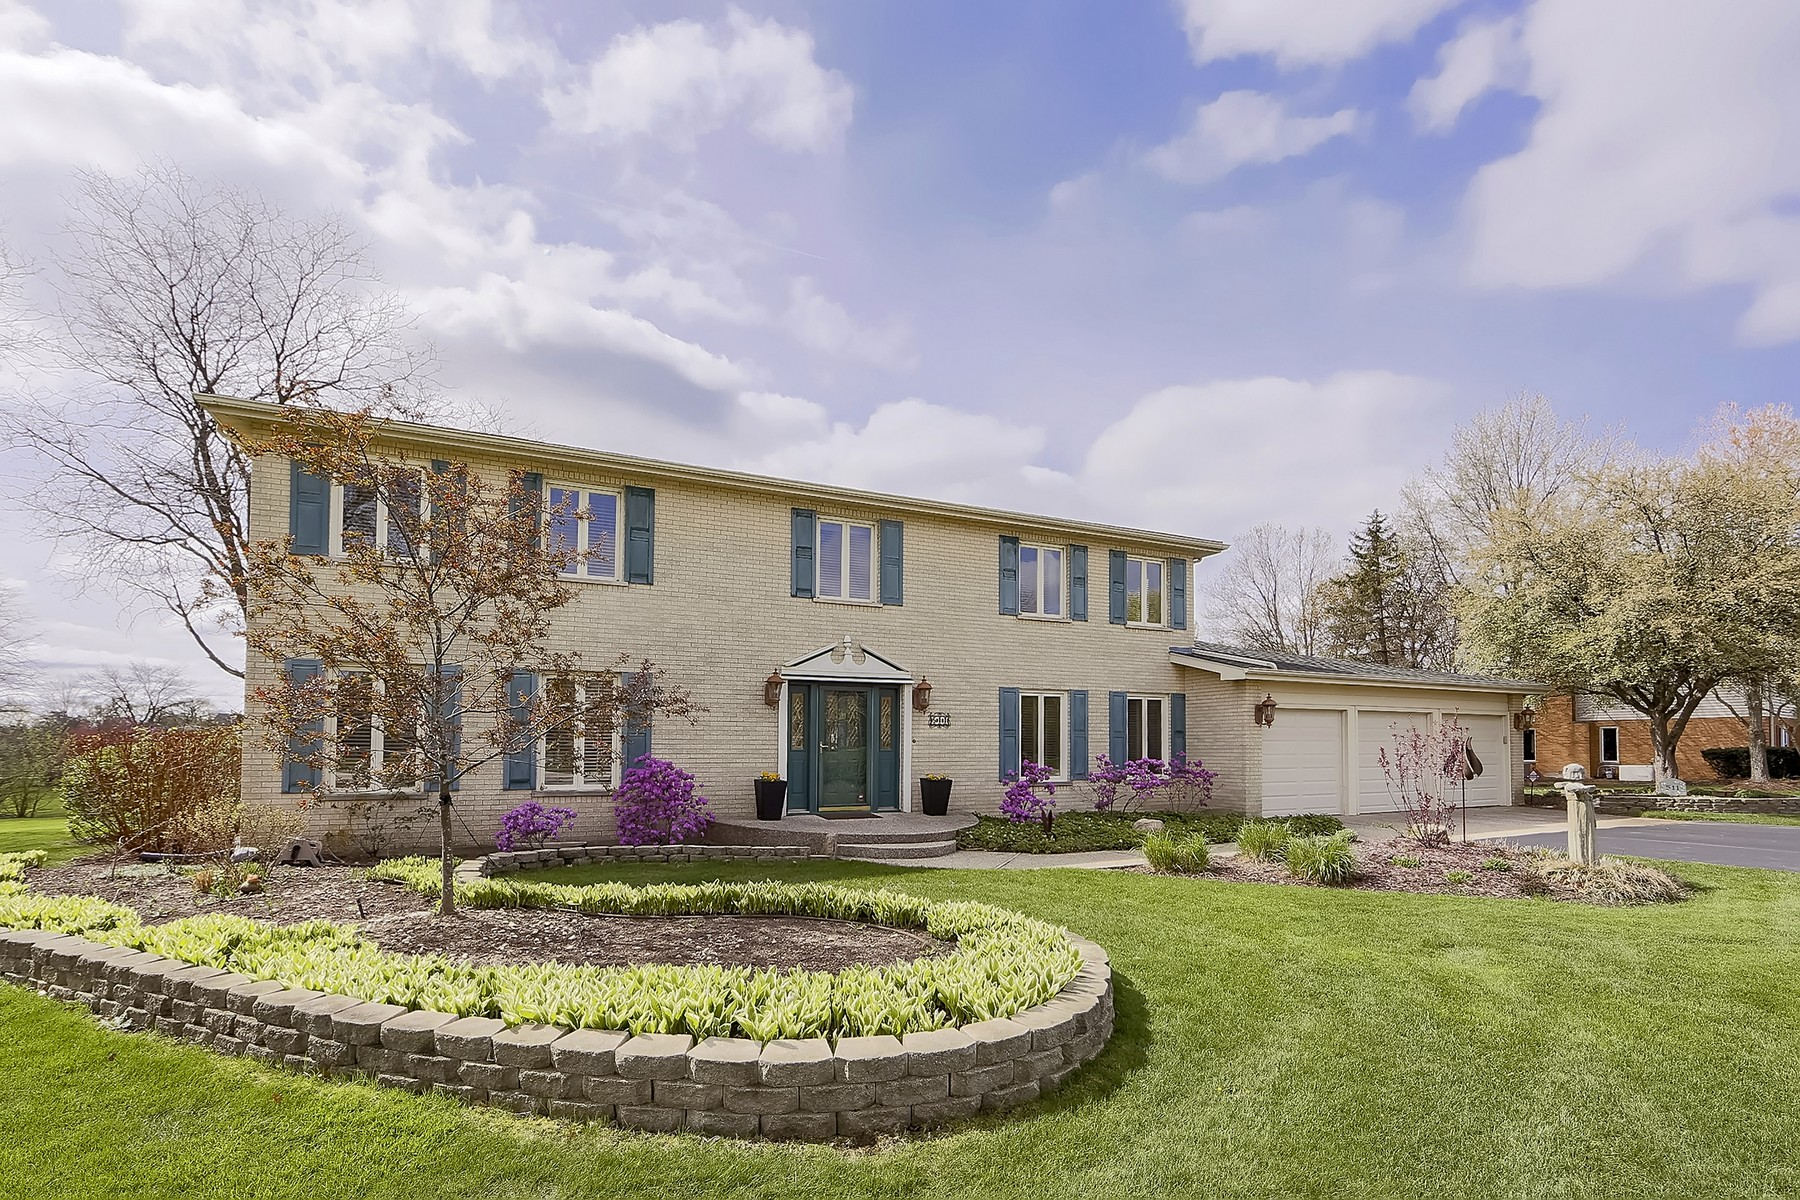 Einfamilienhaus für Verkauf beim Prime Location 511 Rue Orleanais Deer Park, Illinois, 60010 Vereinigte Staaten